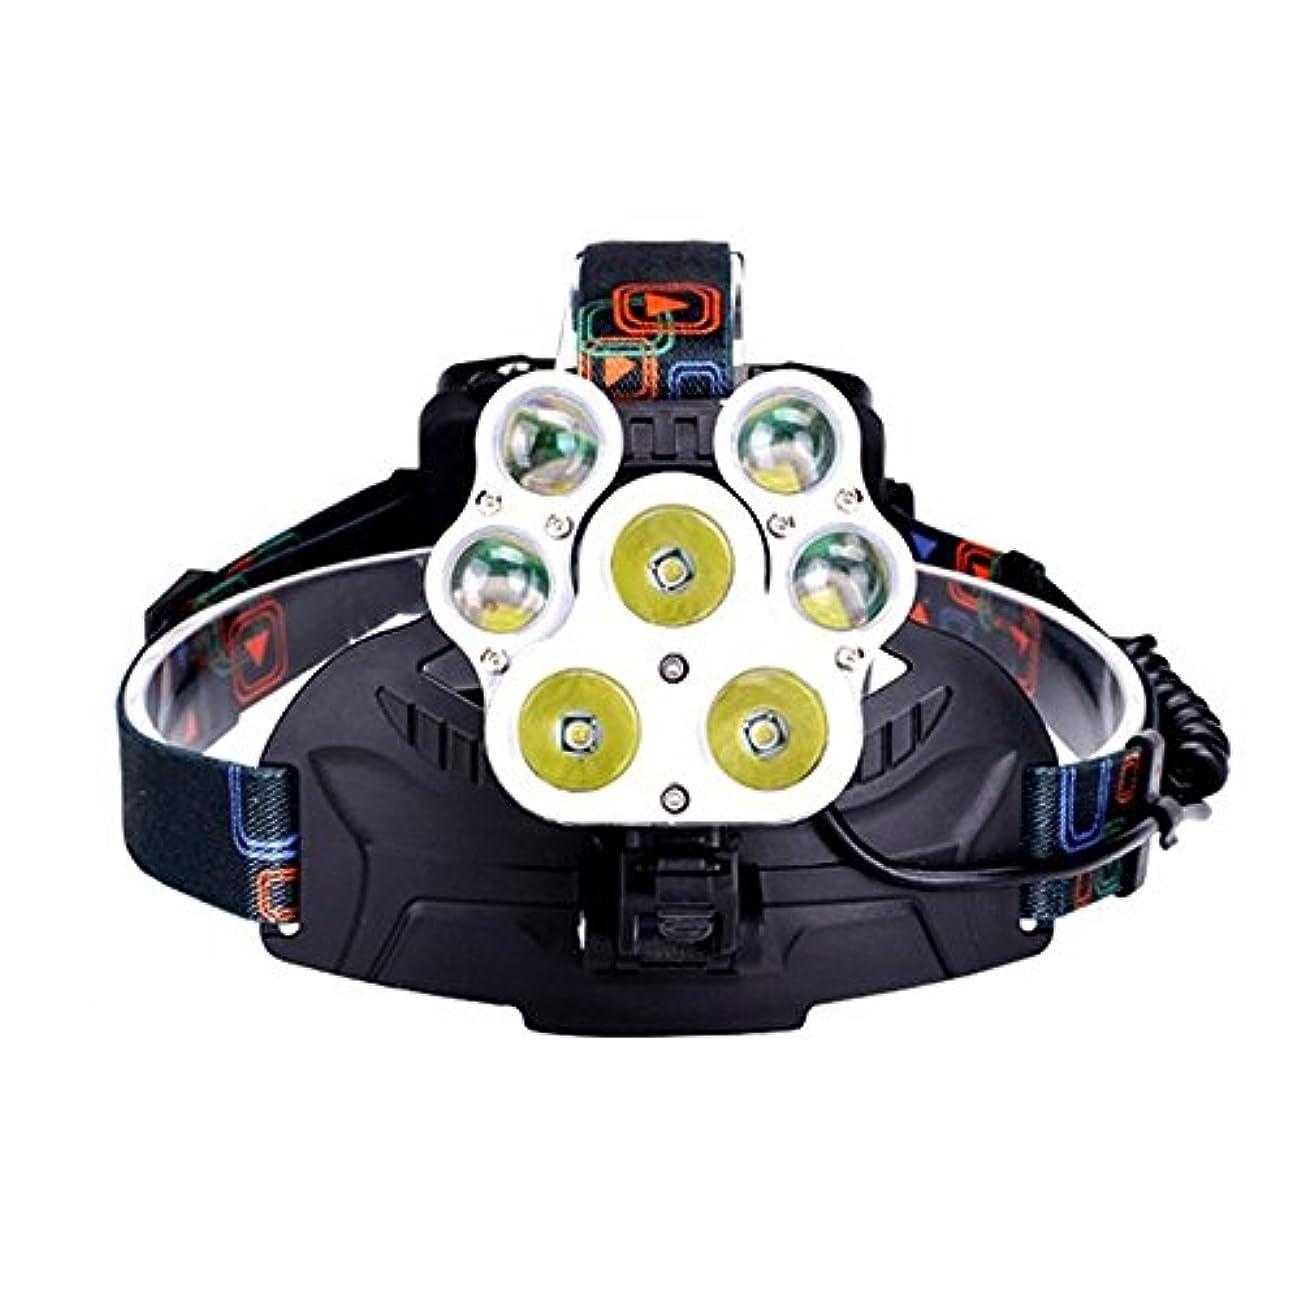 征服者テメリティチョップMUTANG 屋外LEDヘッドライトファーヘッドマウント懐中電灯ライト調整可能なUSBスマート高速充電ヘッドランプマイナーランプ防水searchlight